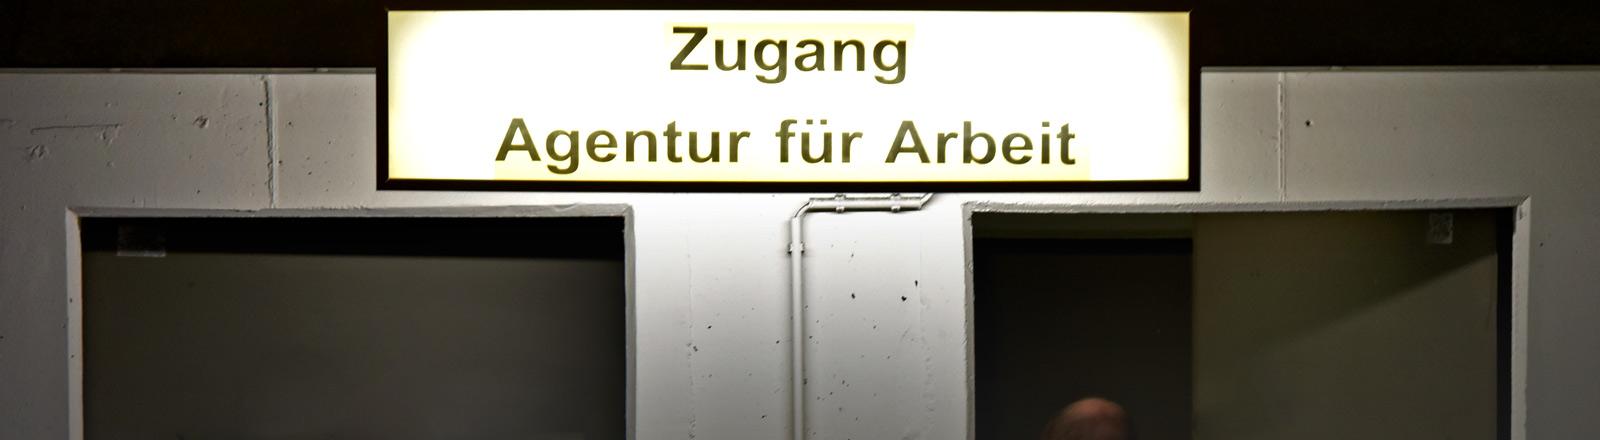 """Schild mit der Aufschrift """"Zugang Agentur für Arbeit"""""""